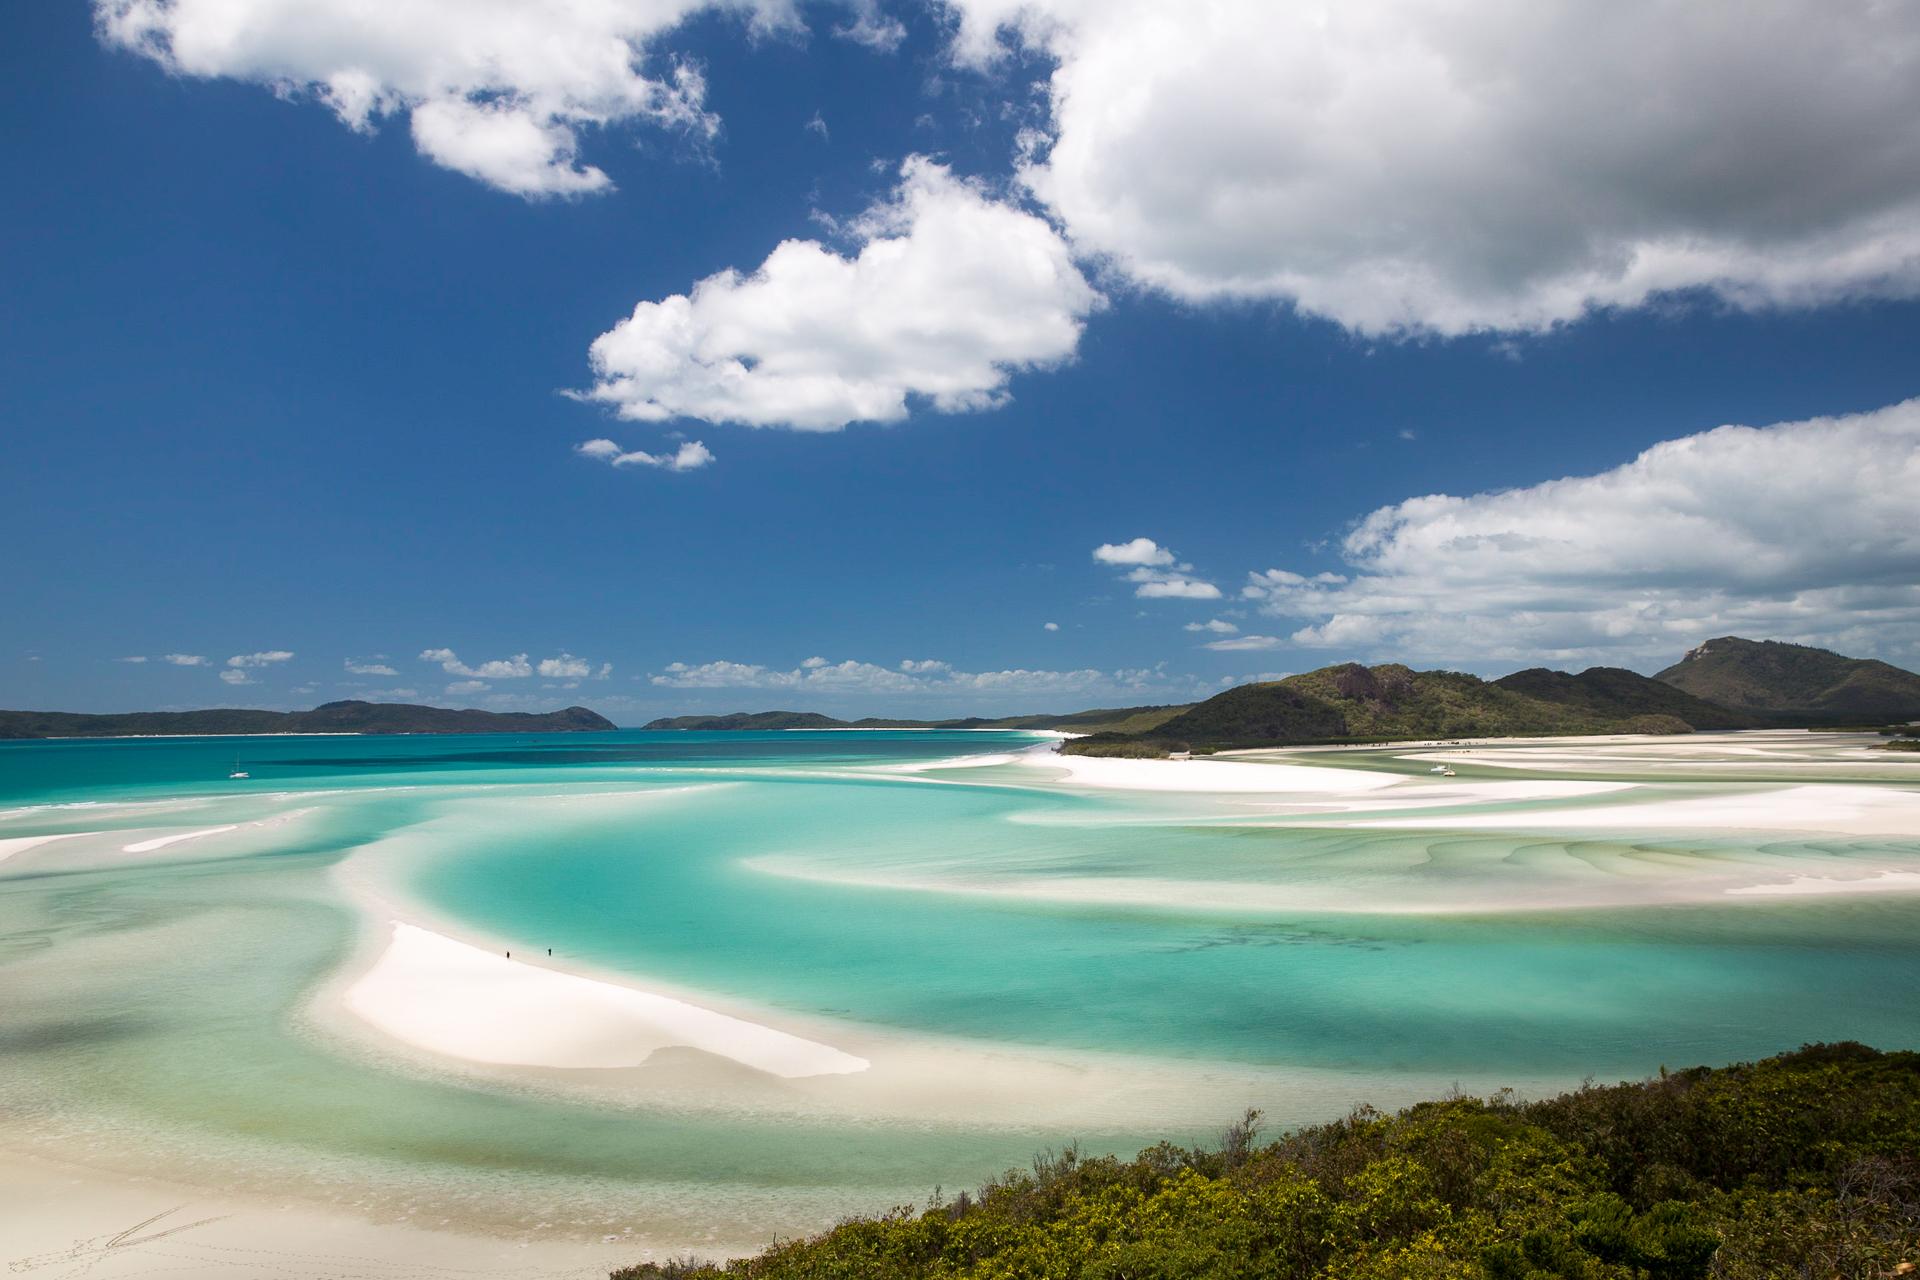 Bild: Ausblick auf den Whitehaven Beach - Traumstrand in Australien